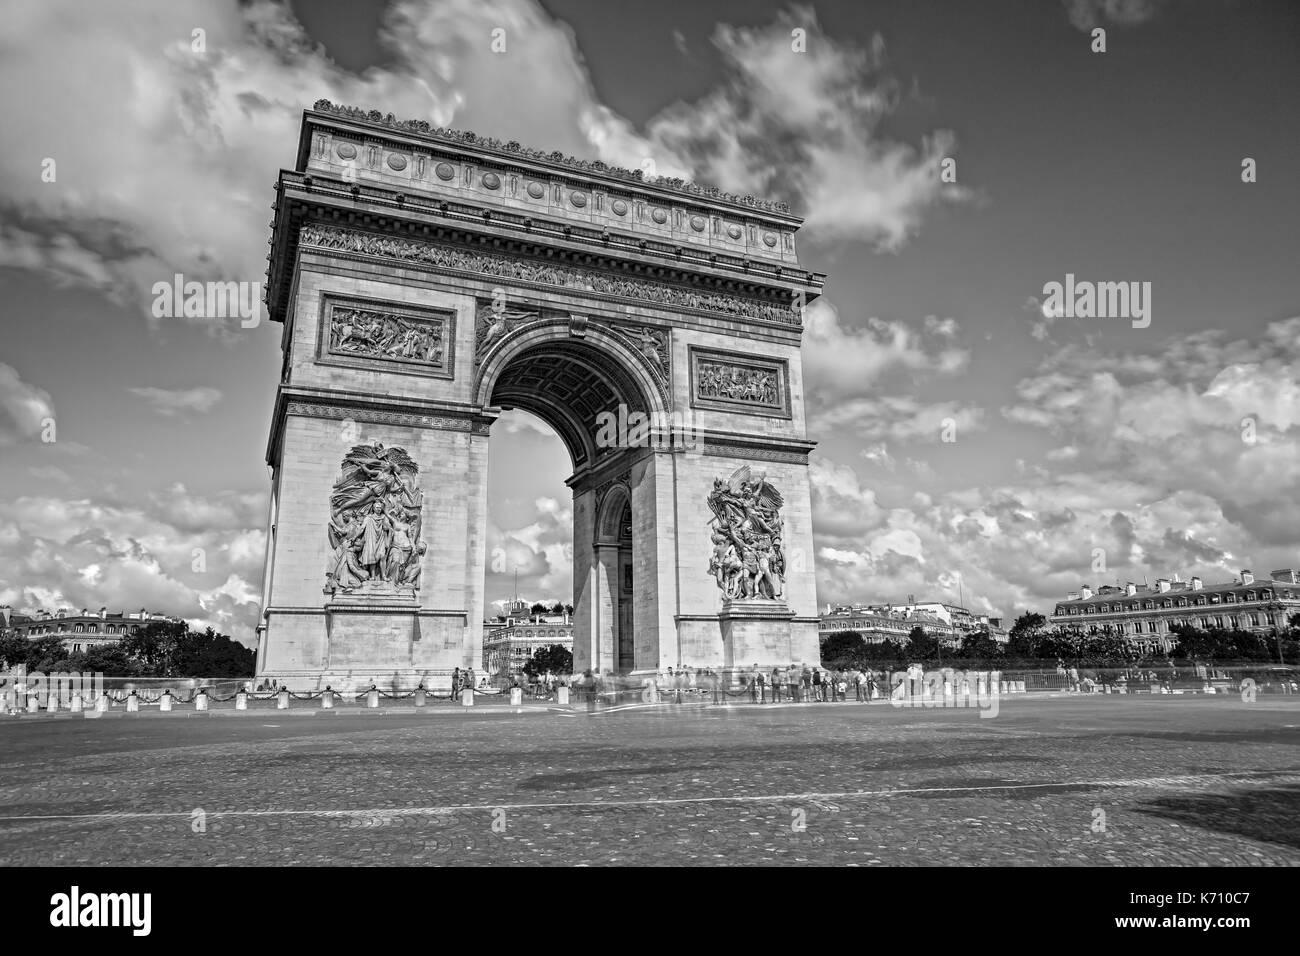 Arc de Triomphe auf der Champs Elysees Stockbild